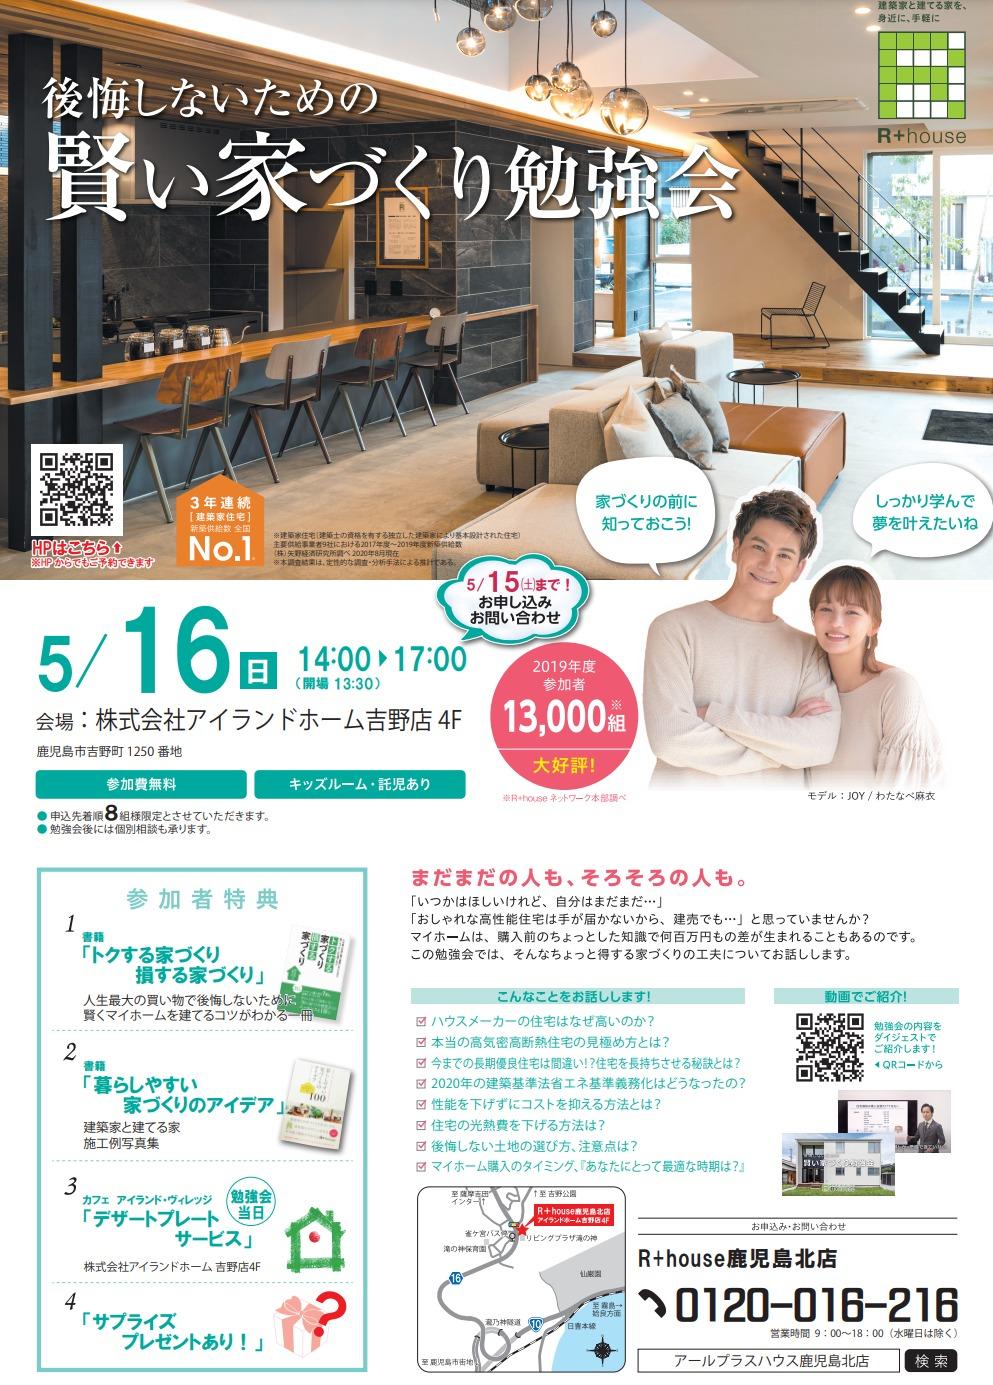 鹿児島市吉野町で「後悔しないための賢い家づくり勉強会」